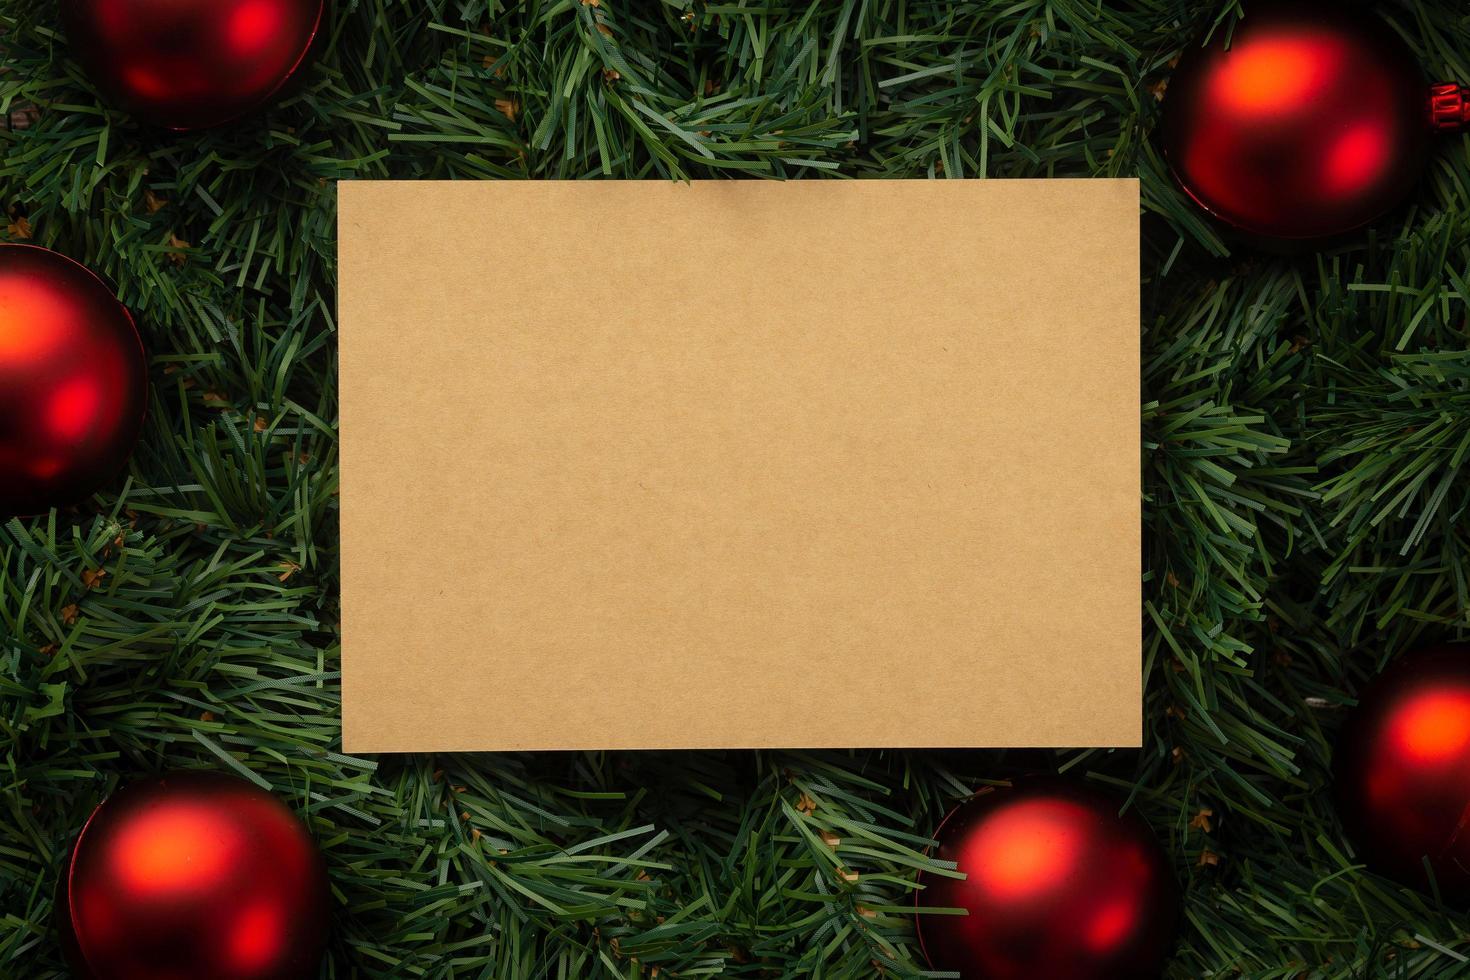 Modelo de maquete de nota de papel para artesanato de Natal feliz com decorações de folhas de pinho foto